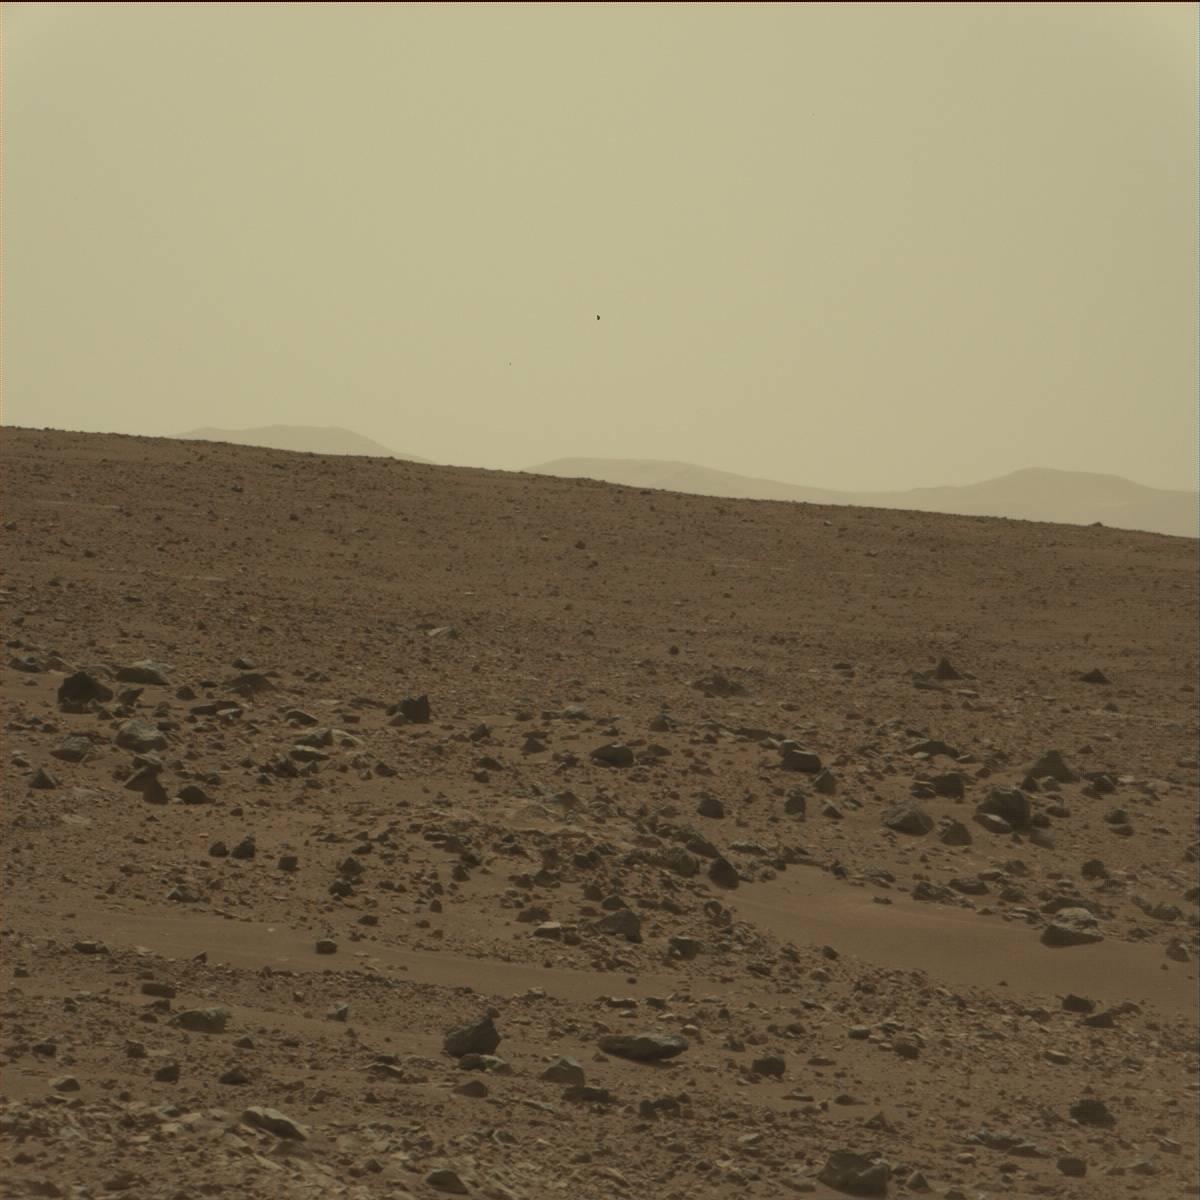 rover 75 mars - photo #27